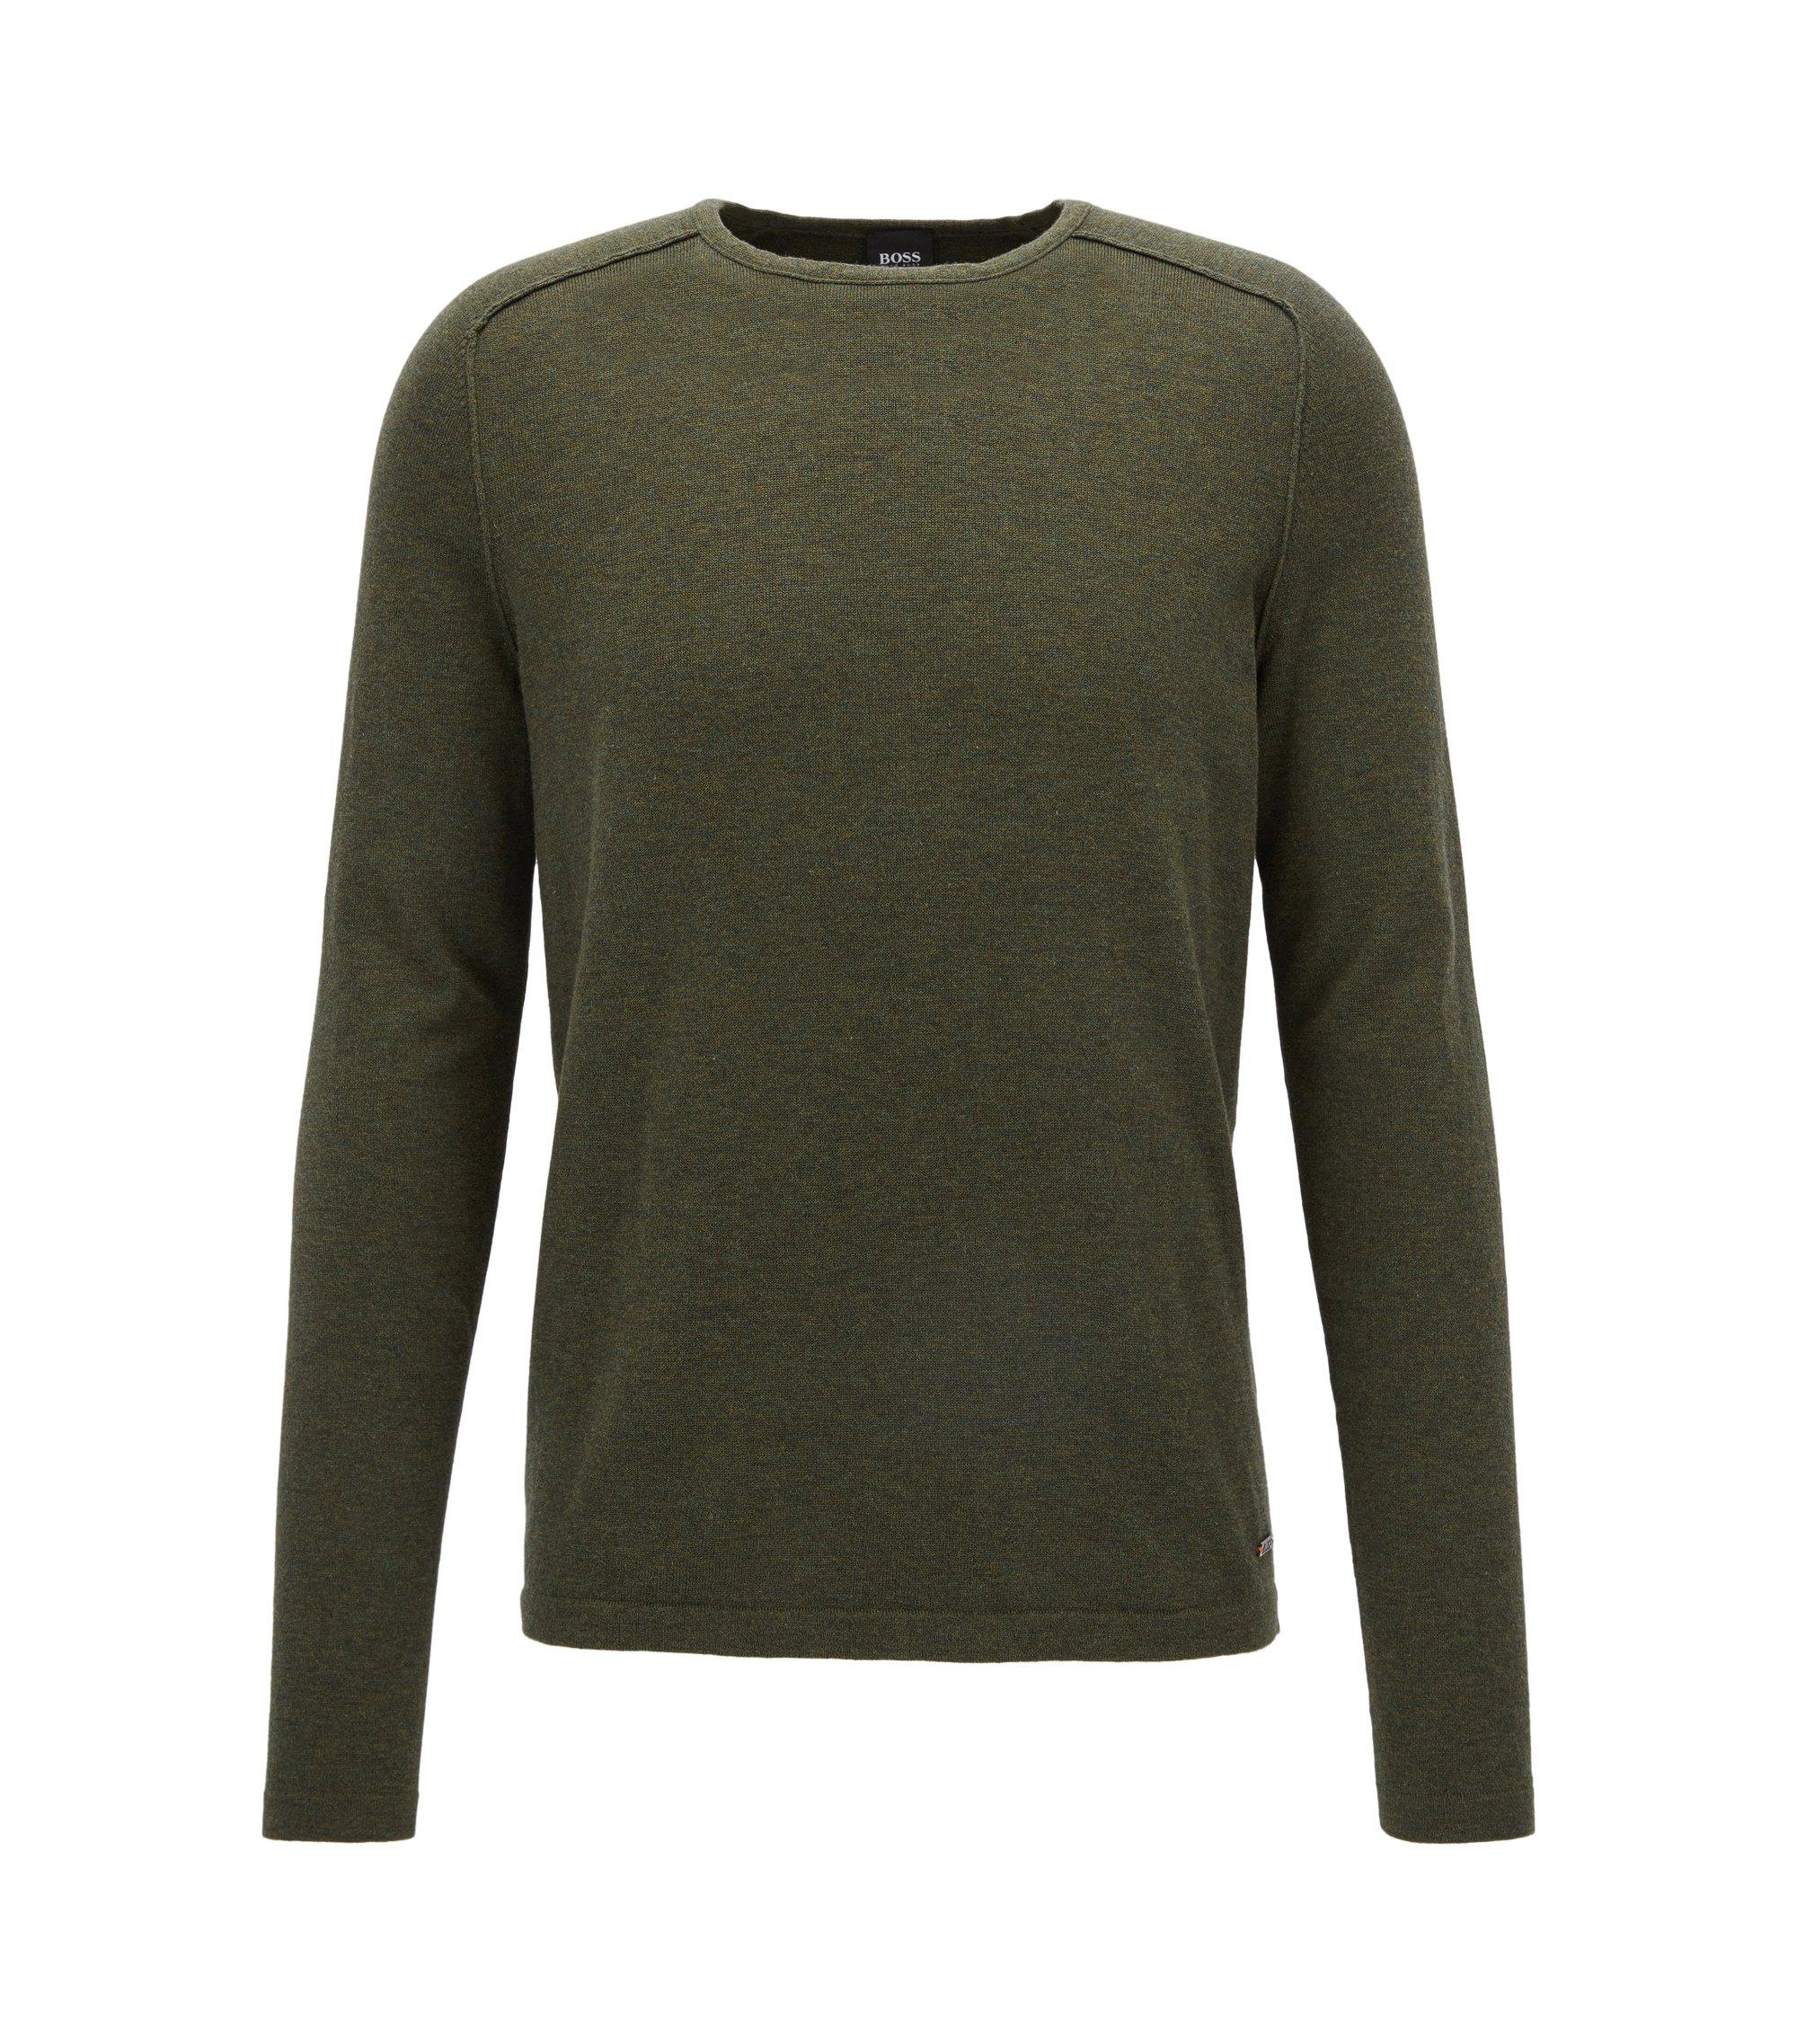 Pullover aus gestrickter Baumwolle mit Paspel-Details, Dunkelgrün